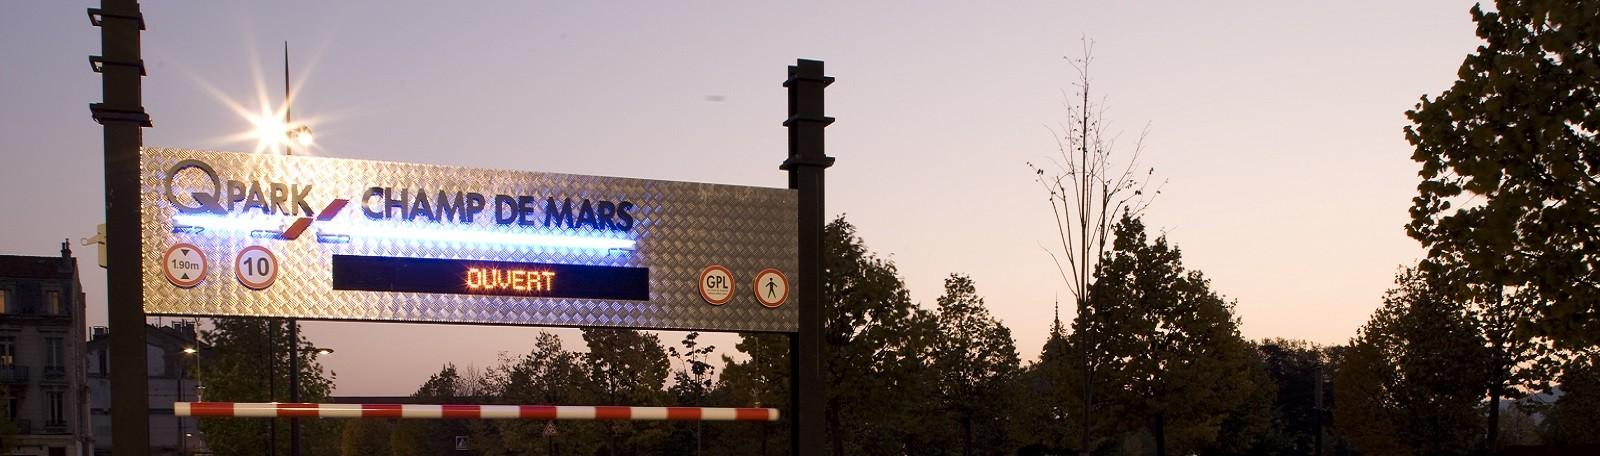 216 parkings à votre disposition pour stationner en France | Q-Park